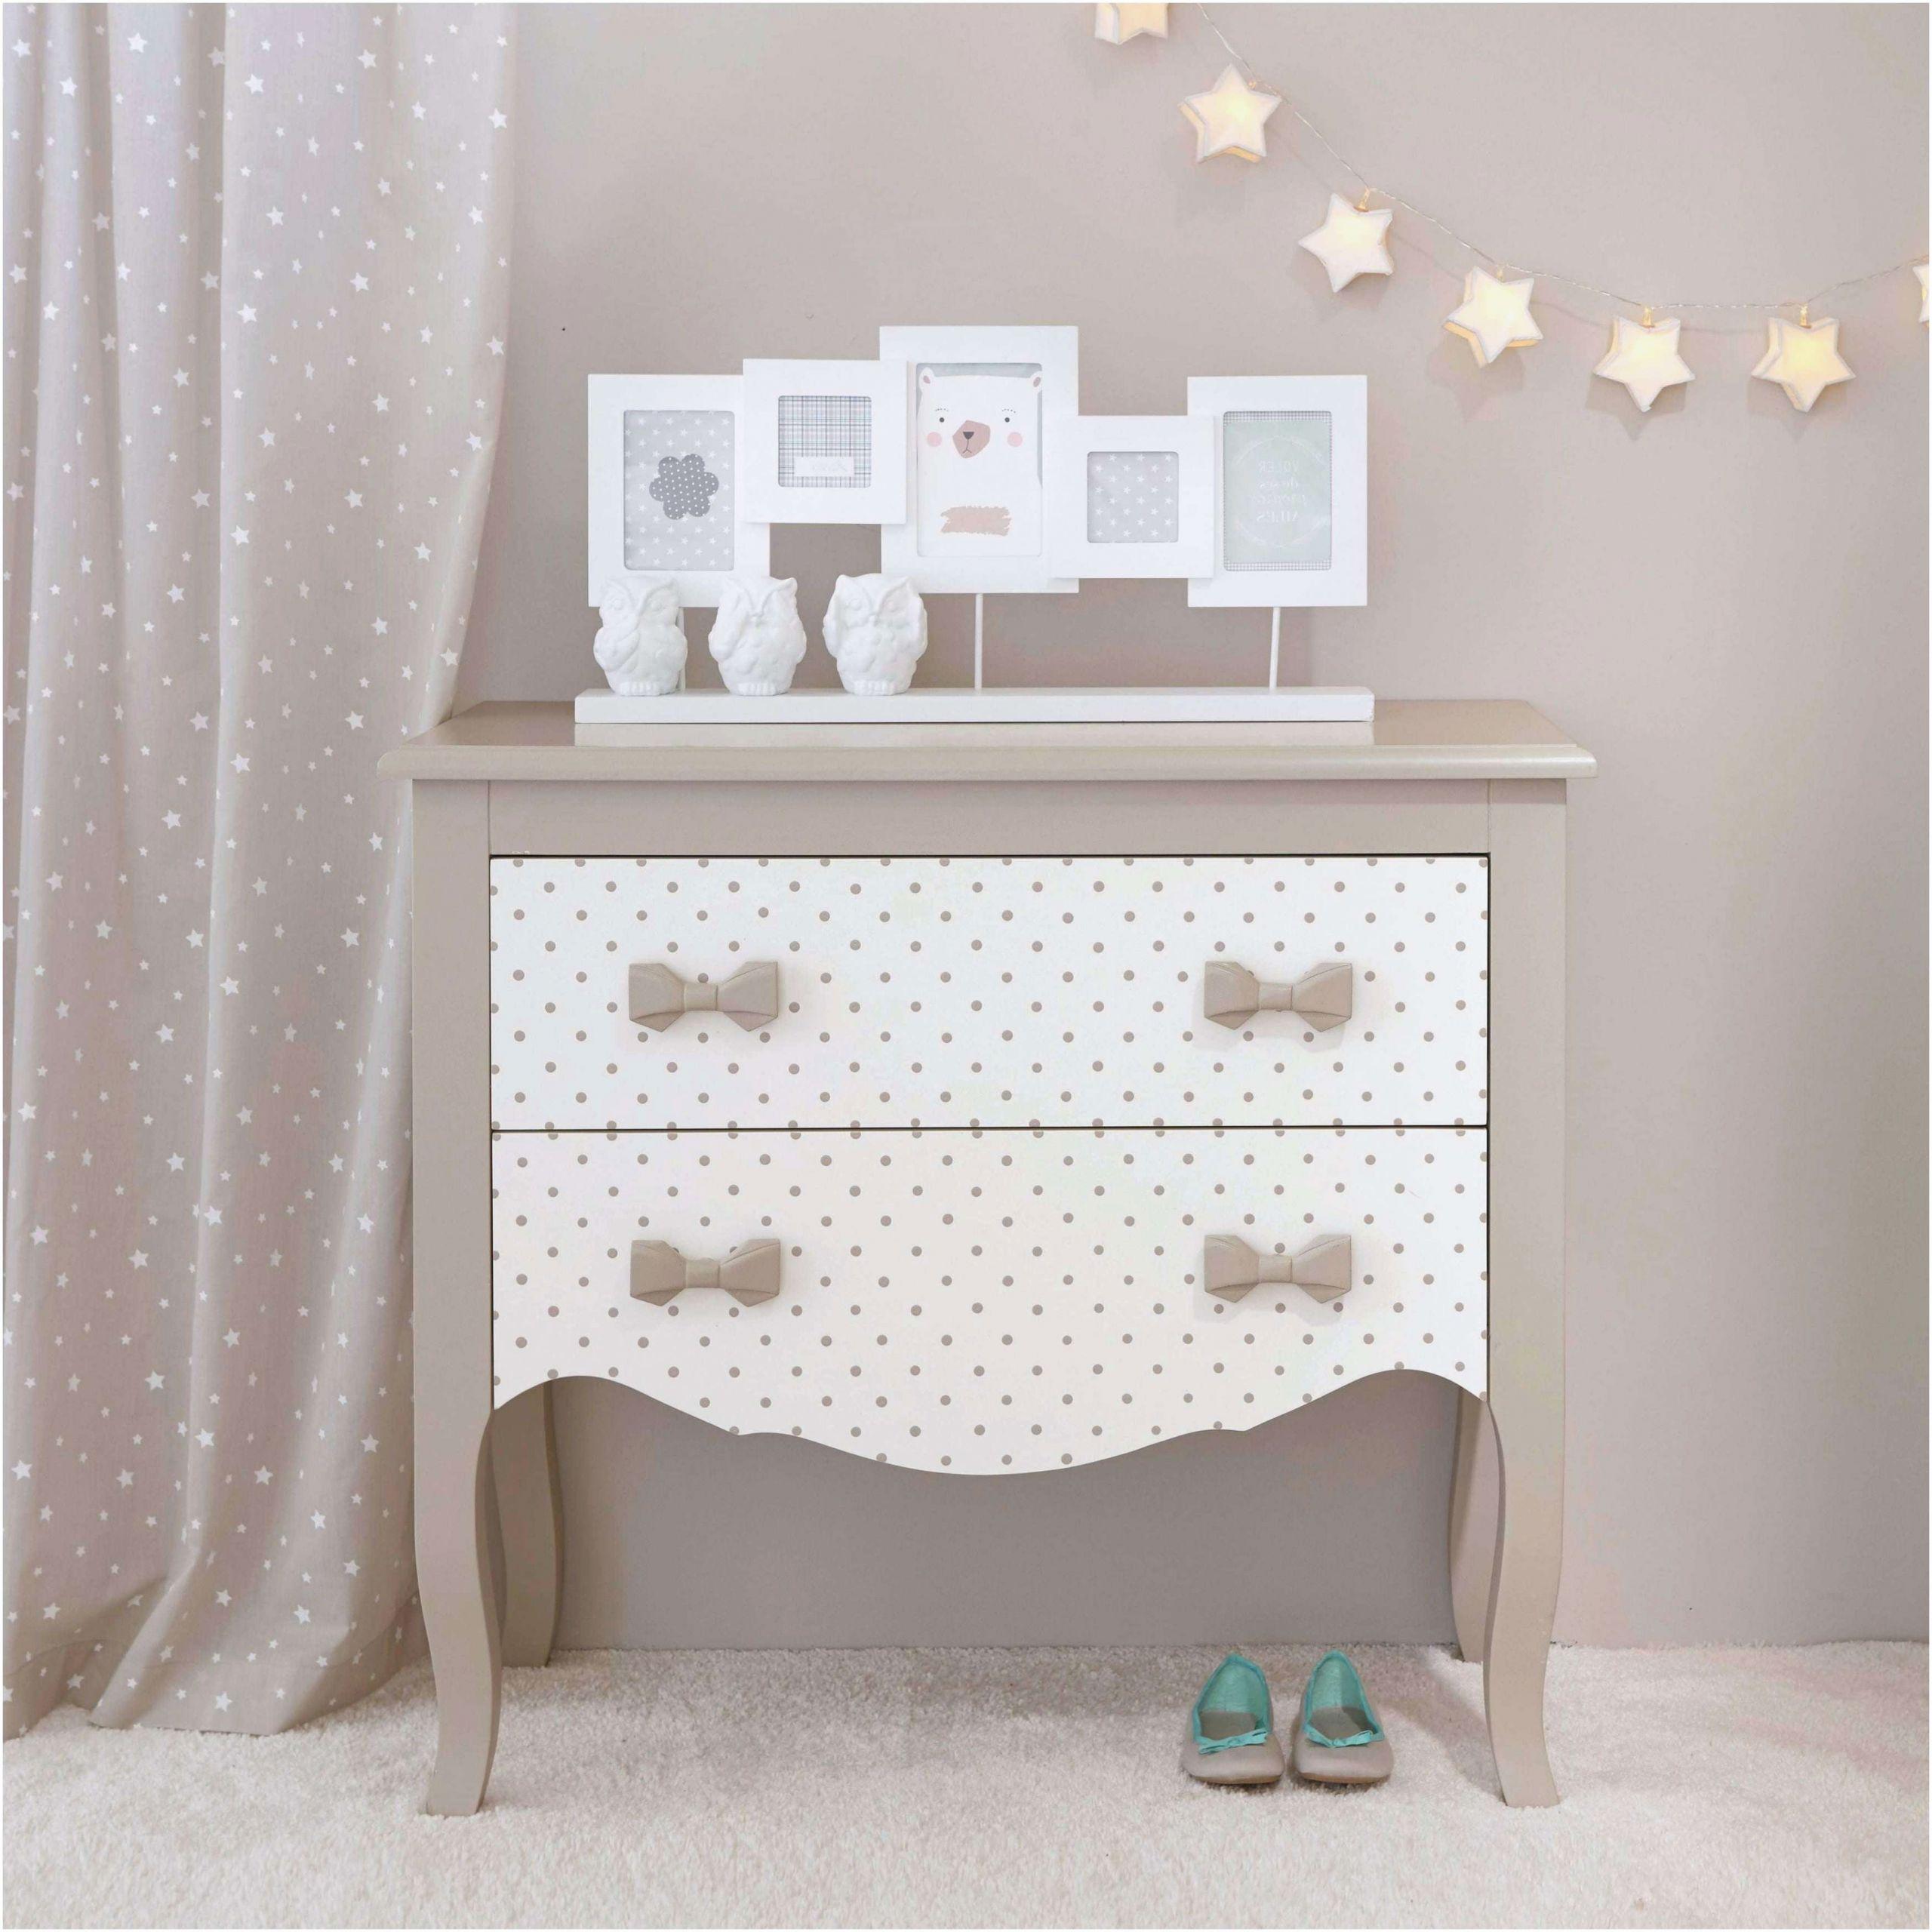 armoire de jardin pas cher beau beau le ptoir du meuble lovely meubles concept armoire 0d archives of armoire de jardin pas cher